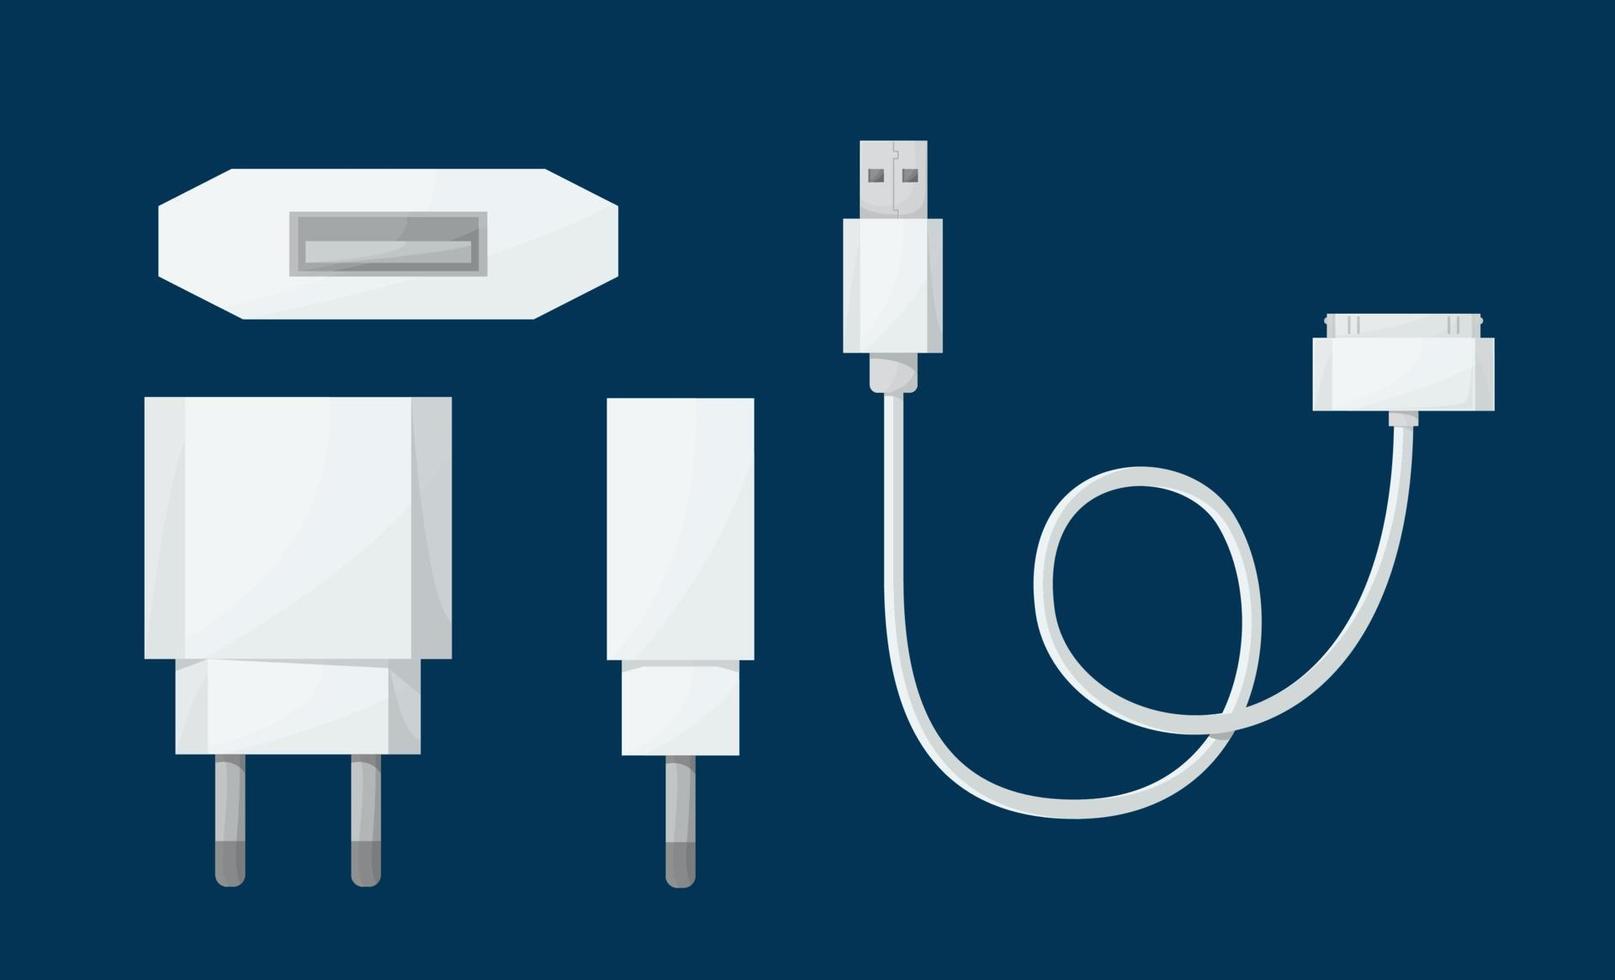 smartphone usb lader adapter in andere weergave met usb micro kabel 30-pins. vectorillustratie in cartoon stijl. vector